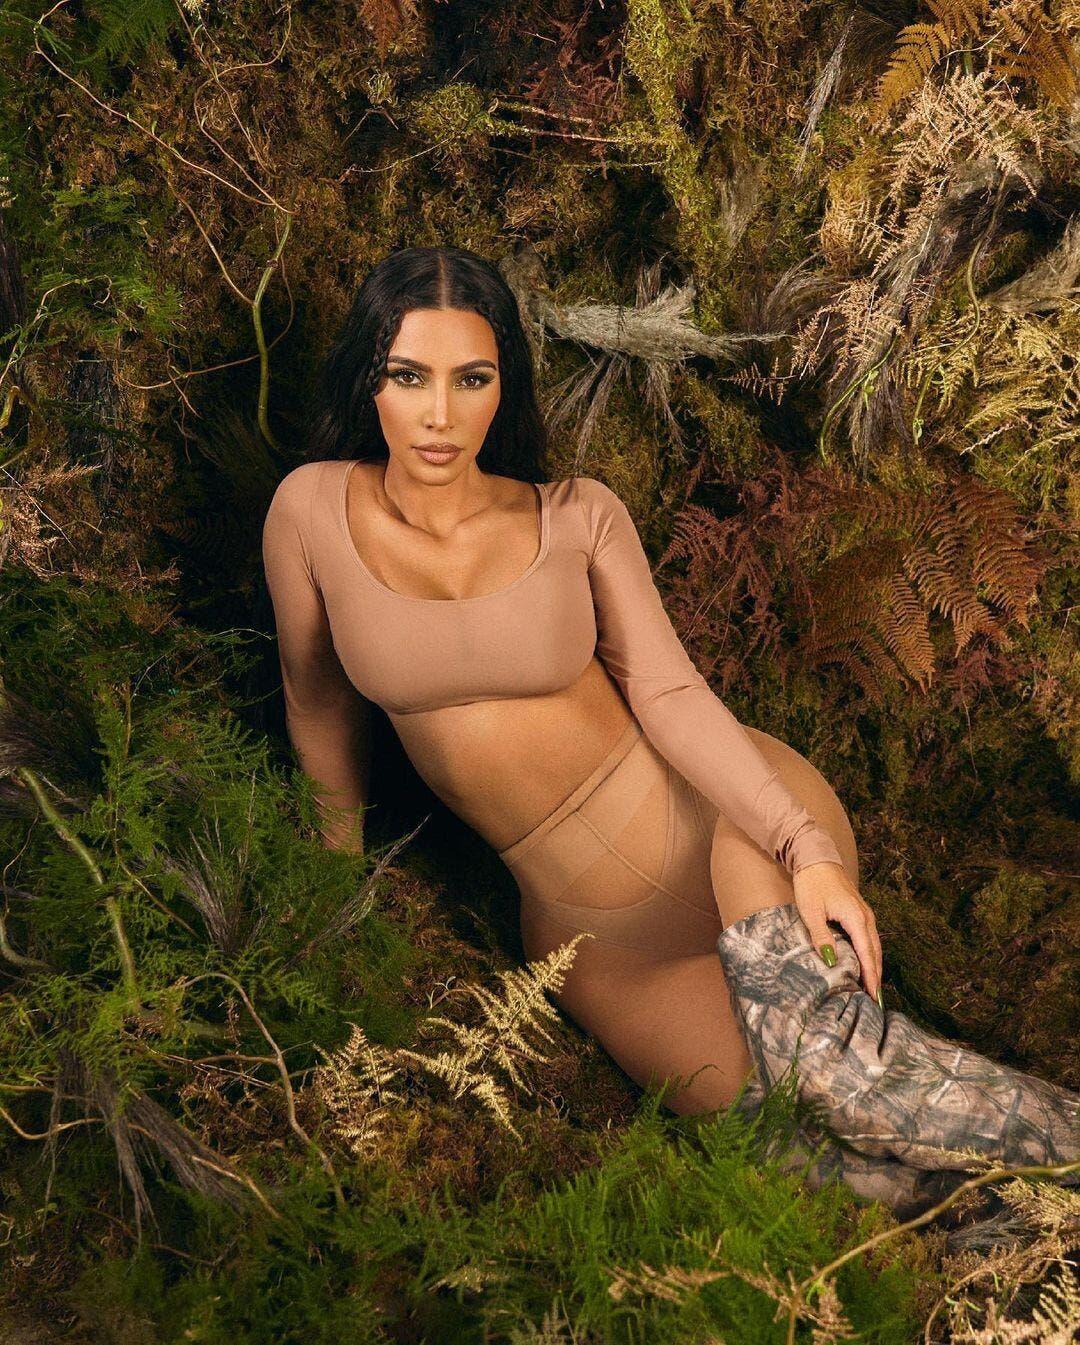 Kim Kardashian Ensured All Eyes Were on Her Jaw-Dropping Figure